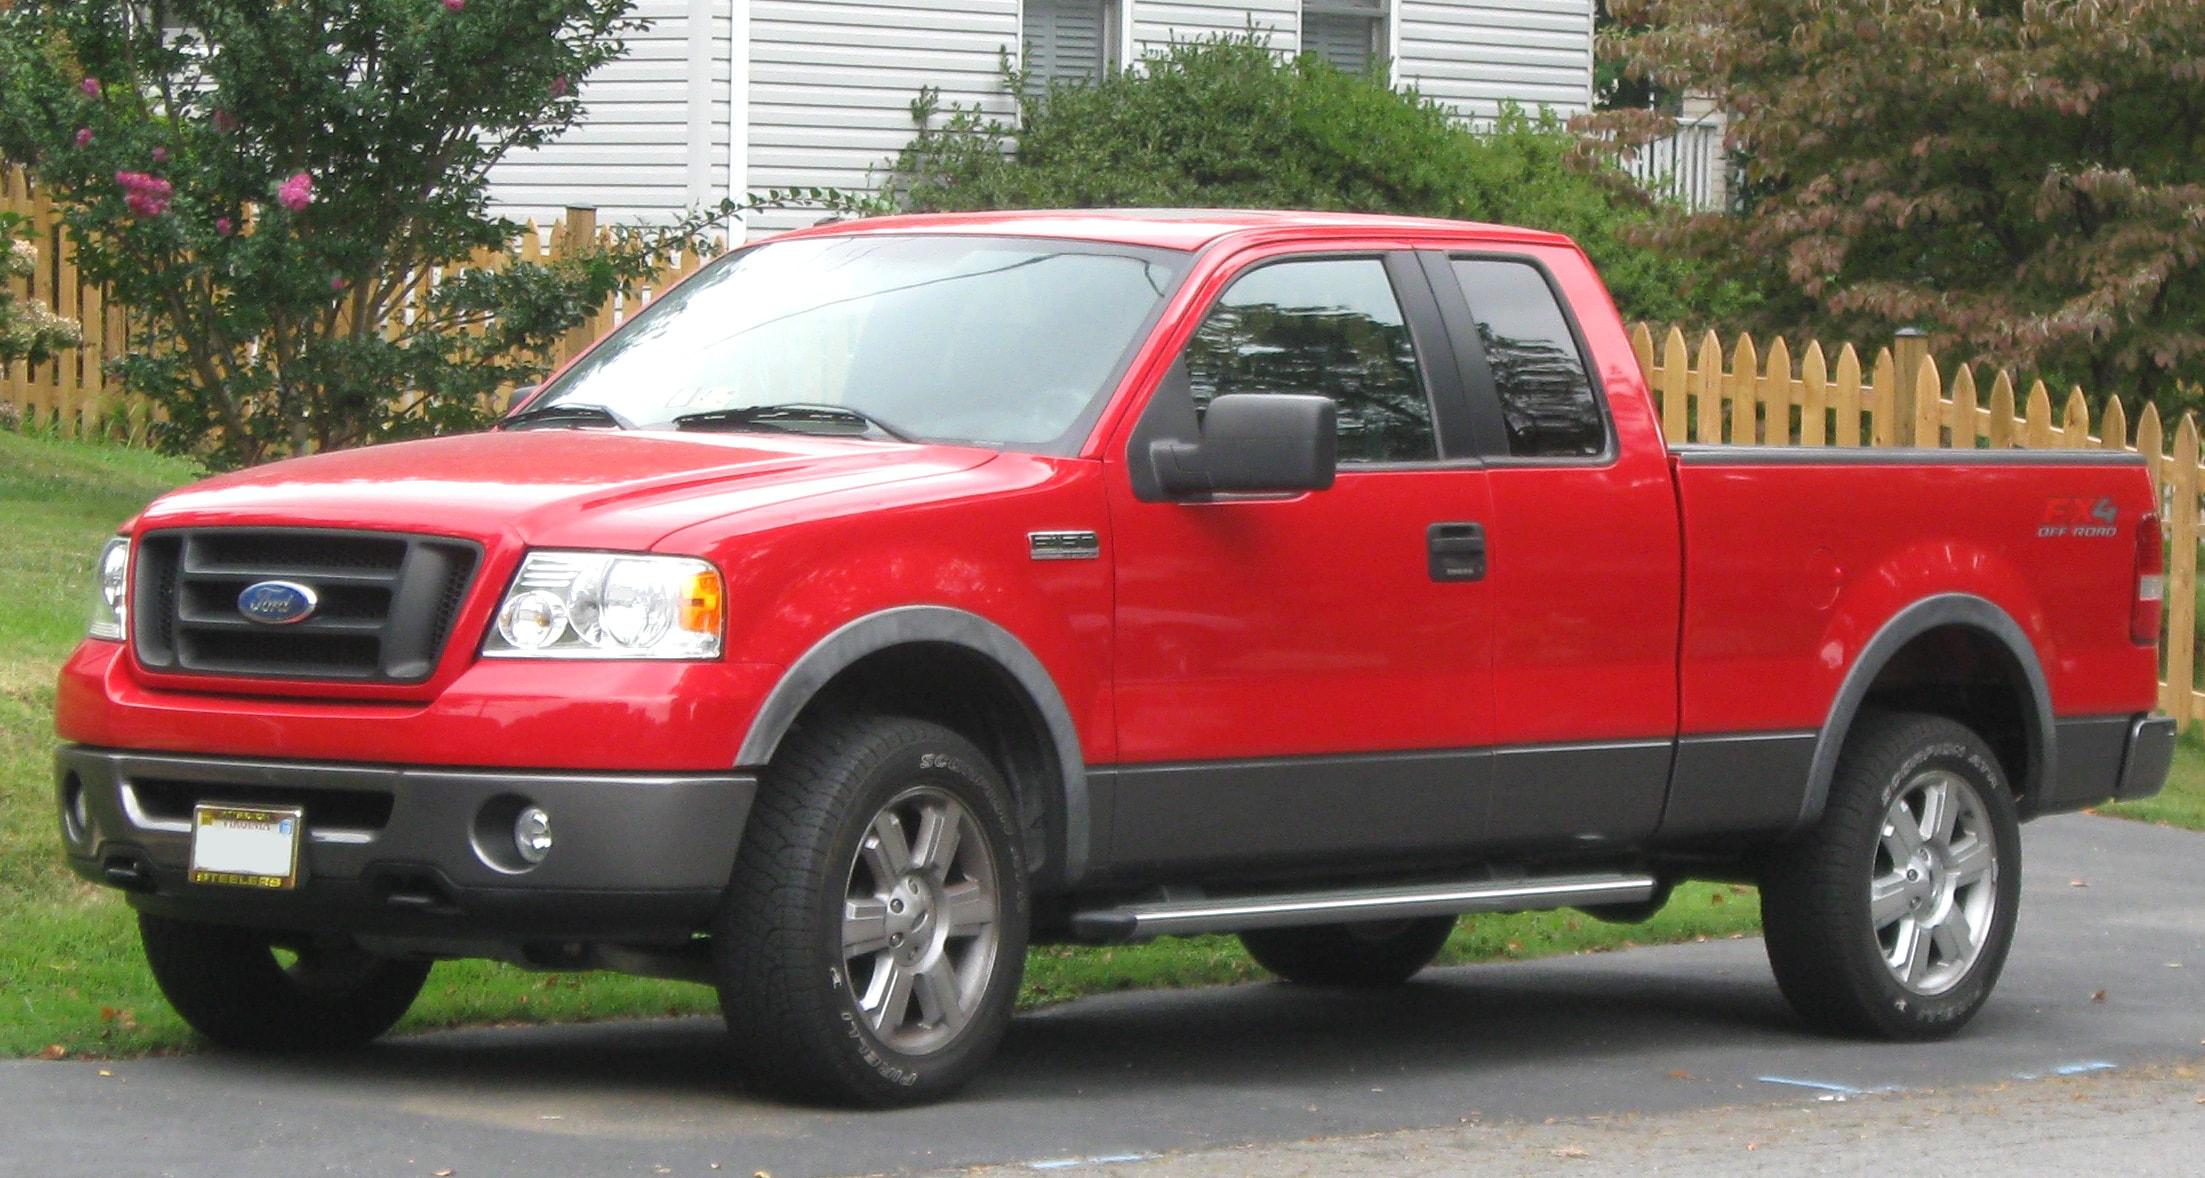 Ford F-150 HD